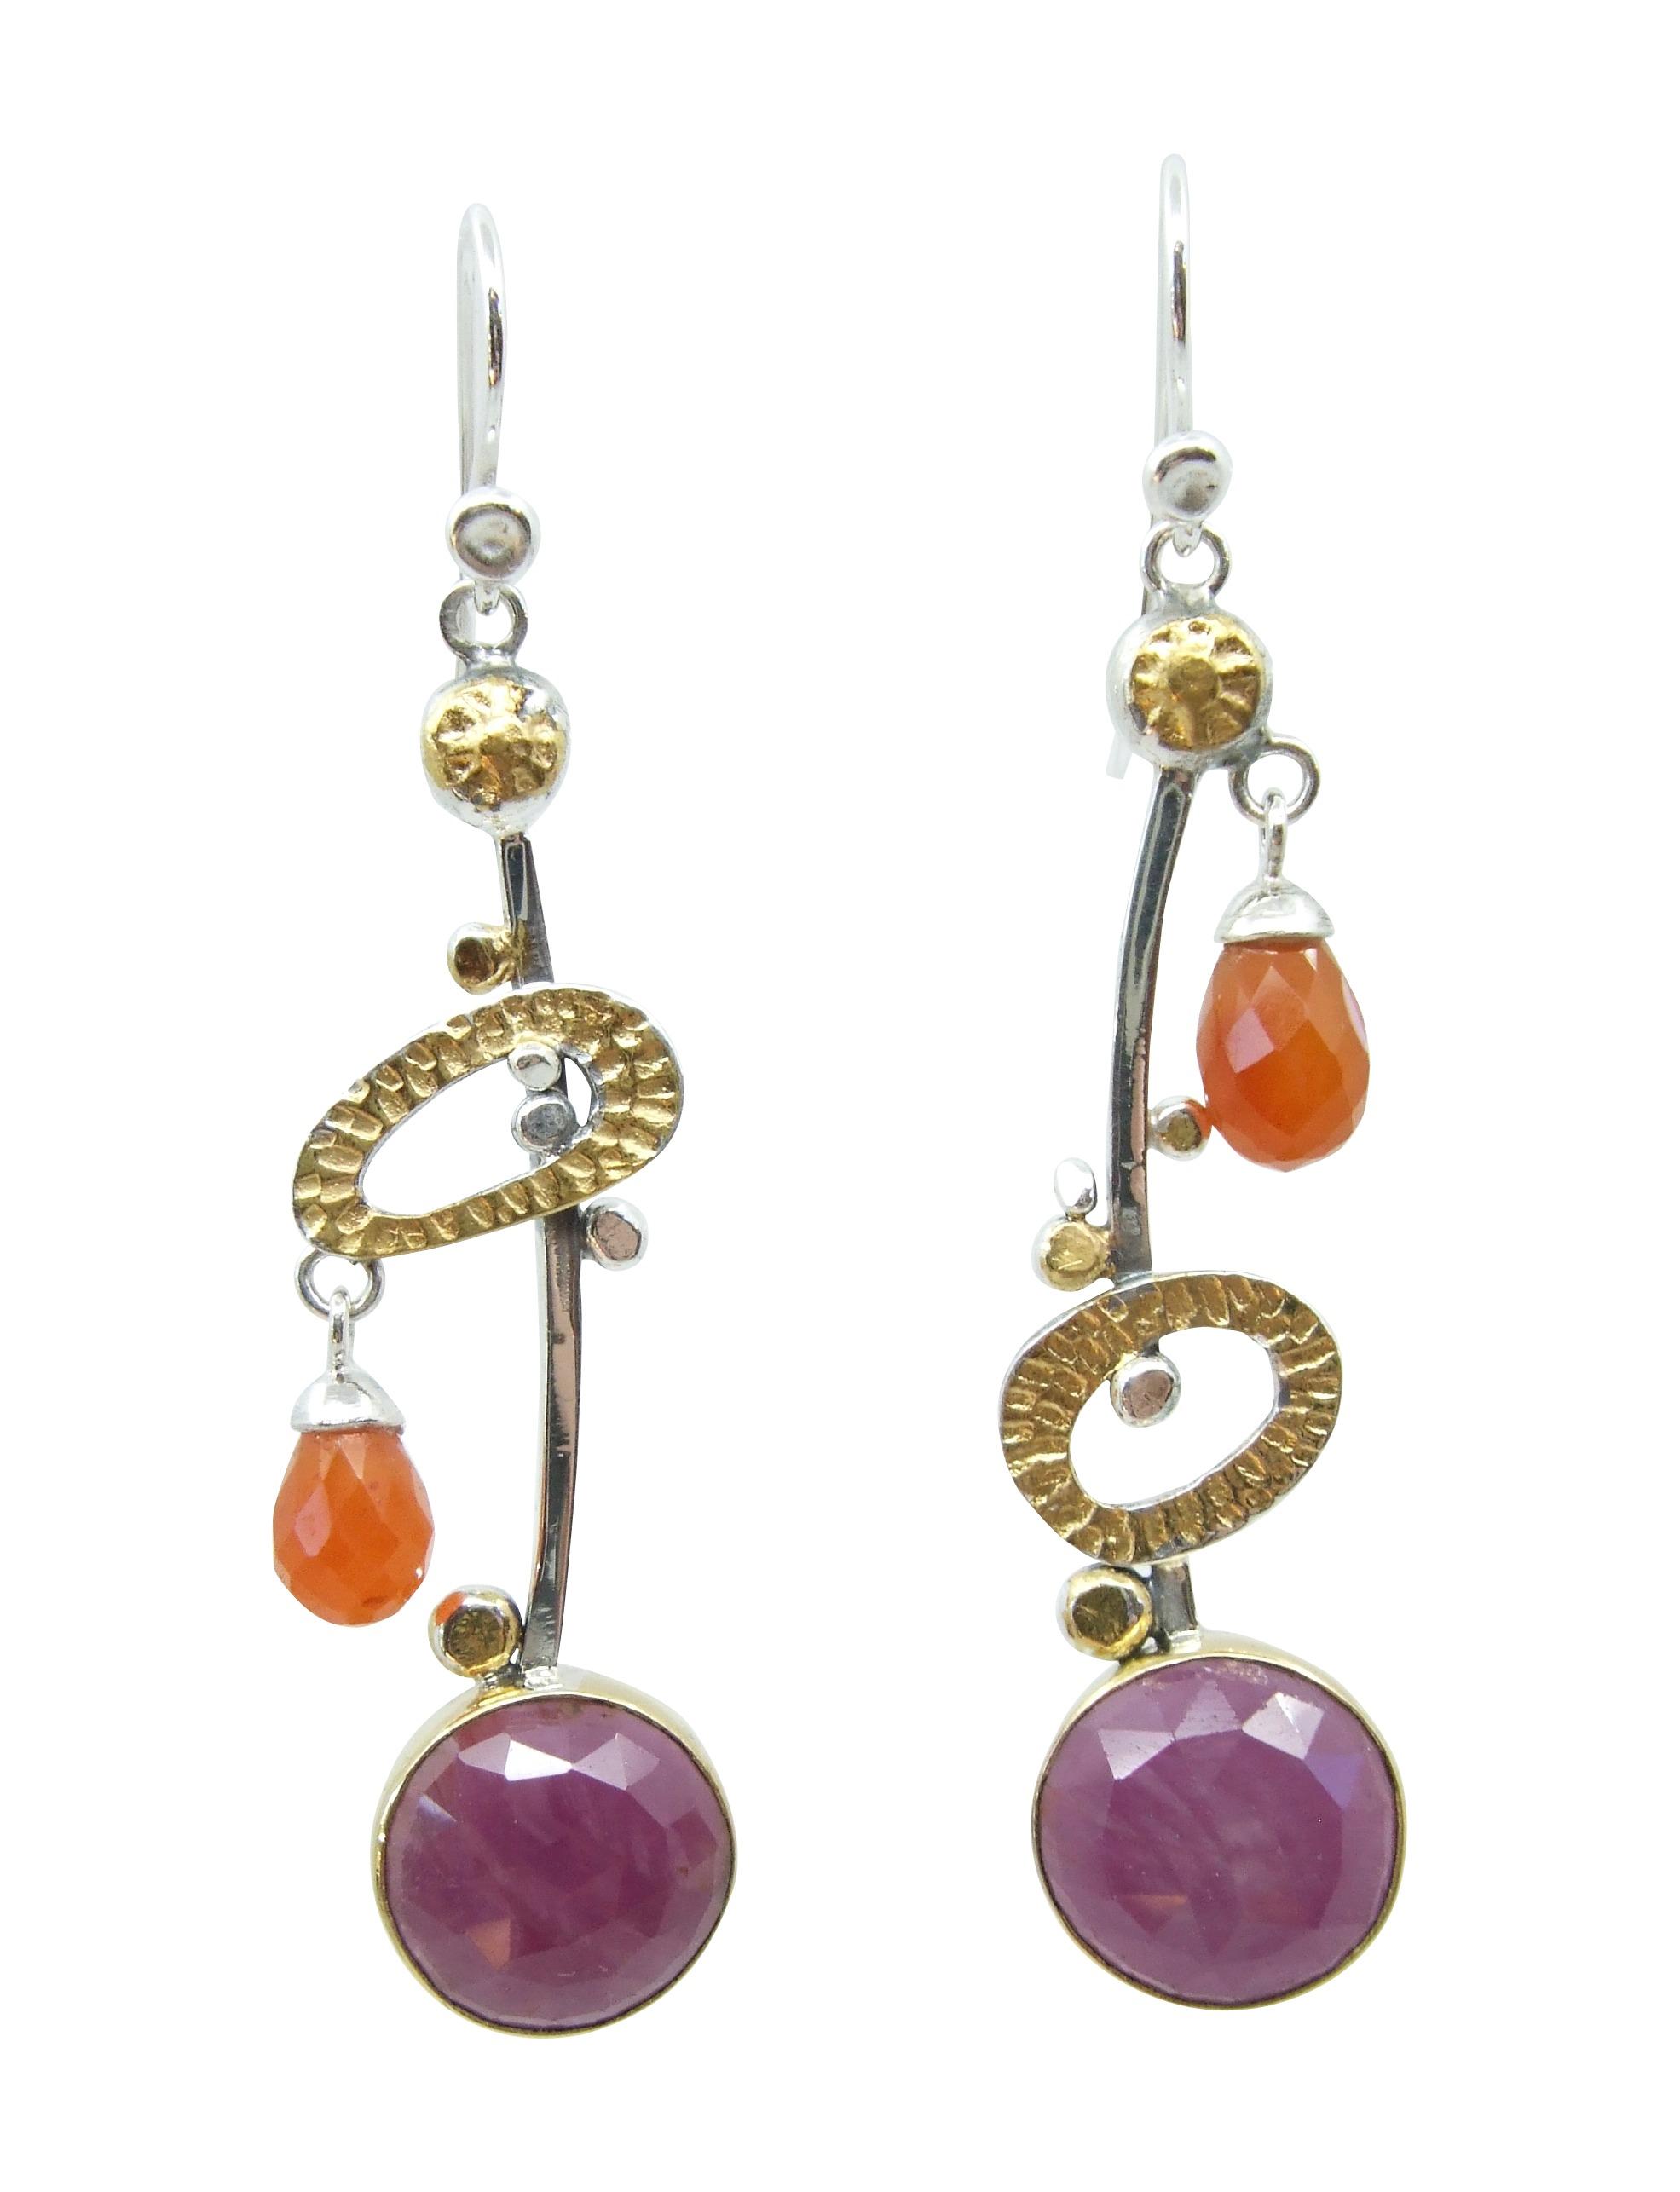 Sherbet Earrings